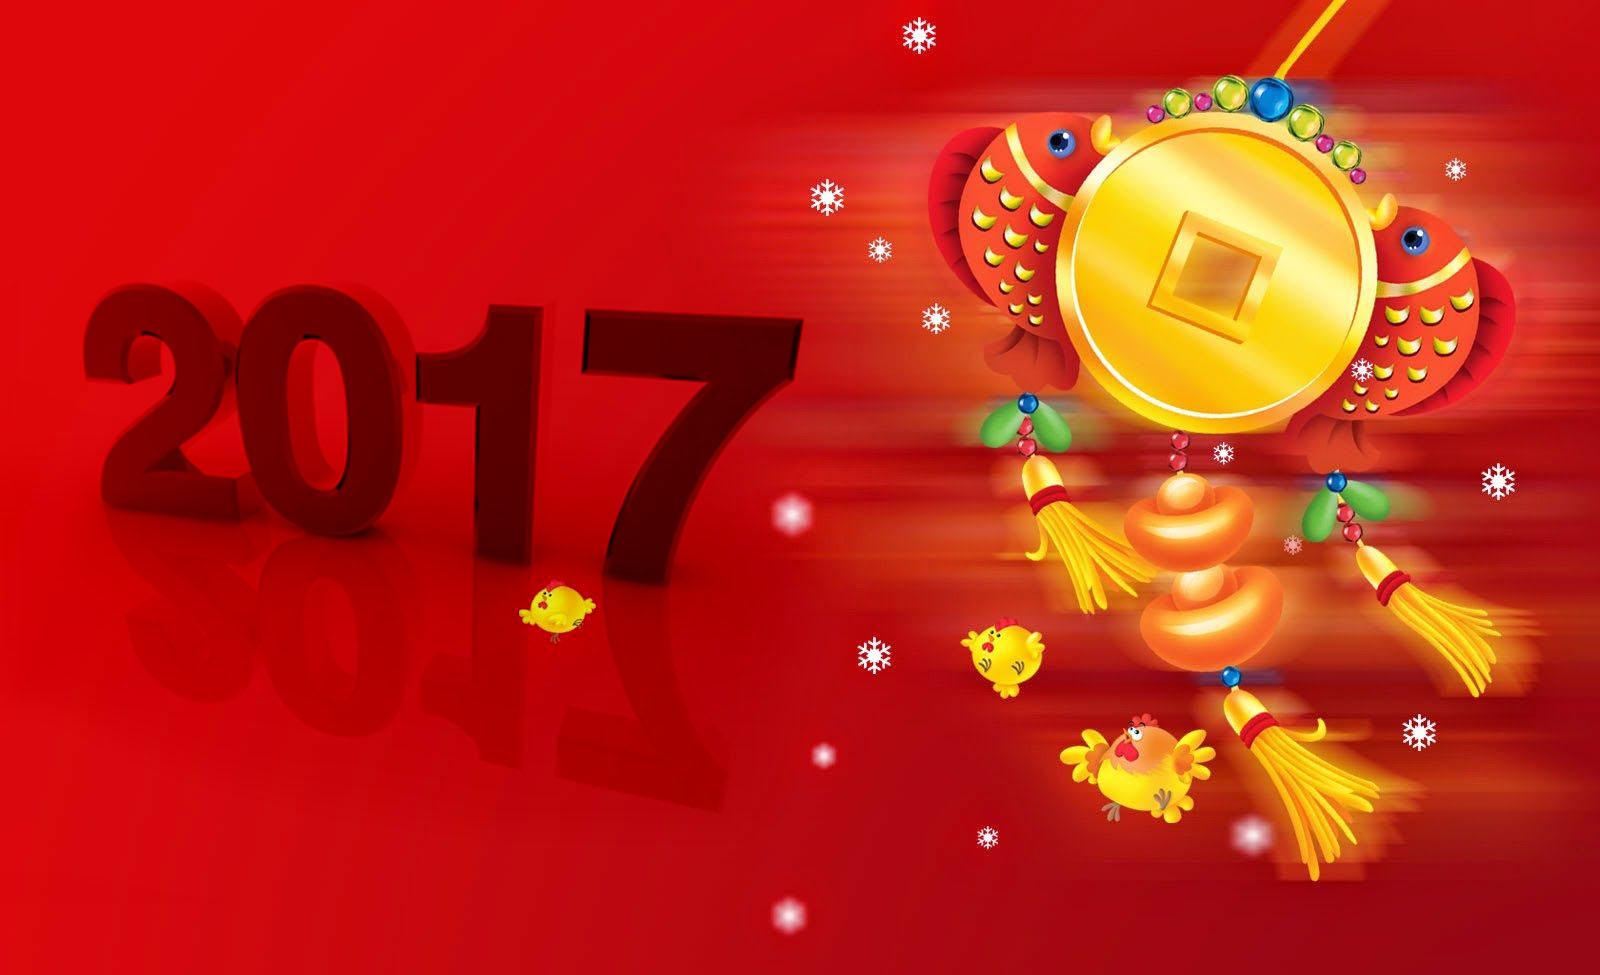 Hình nền happy new year 2017 đẹp- Hình 4